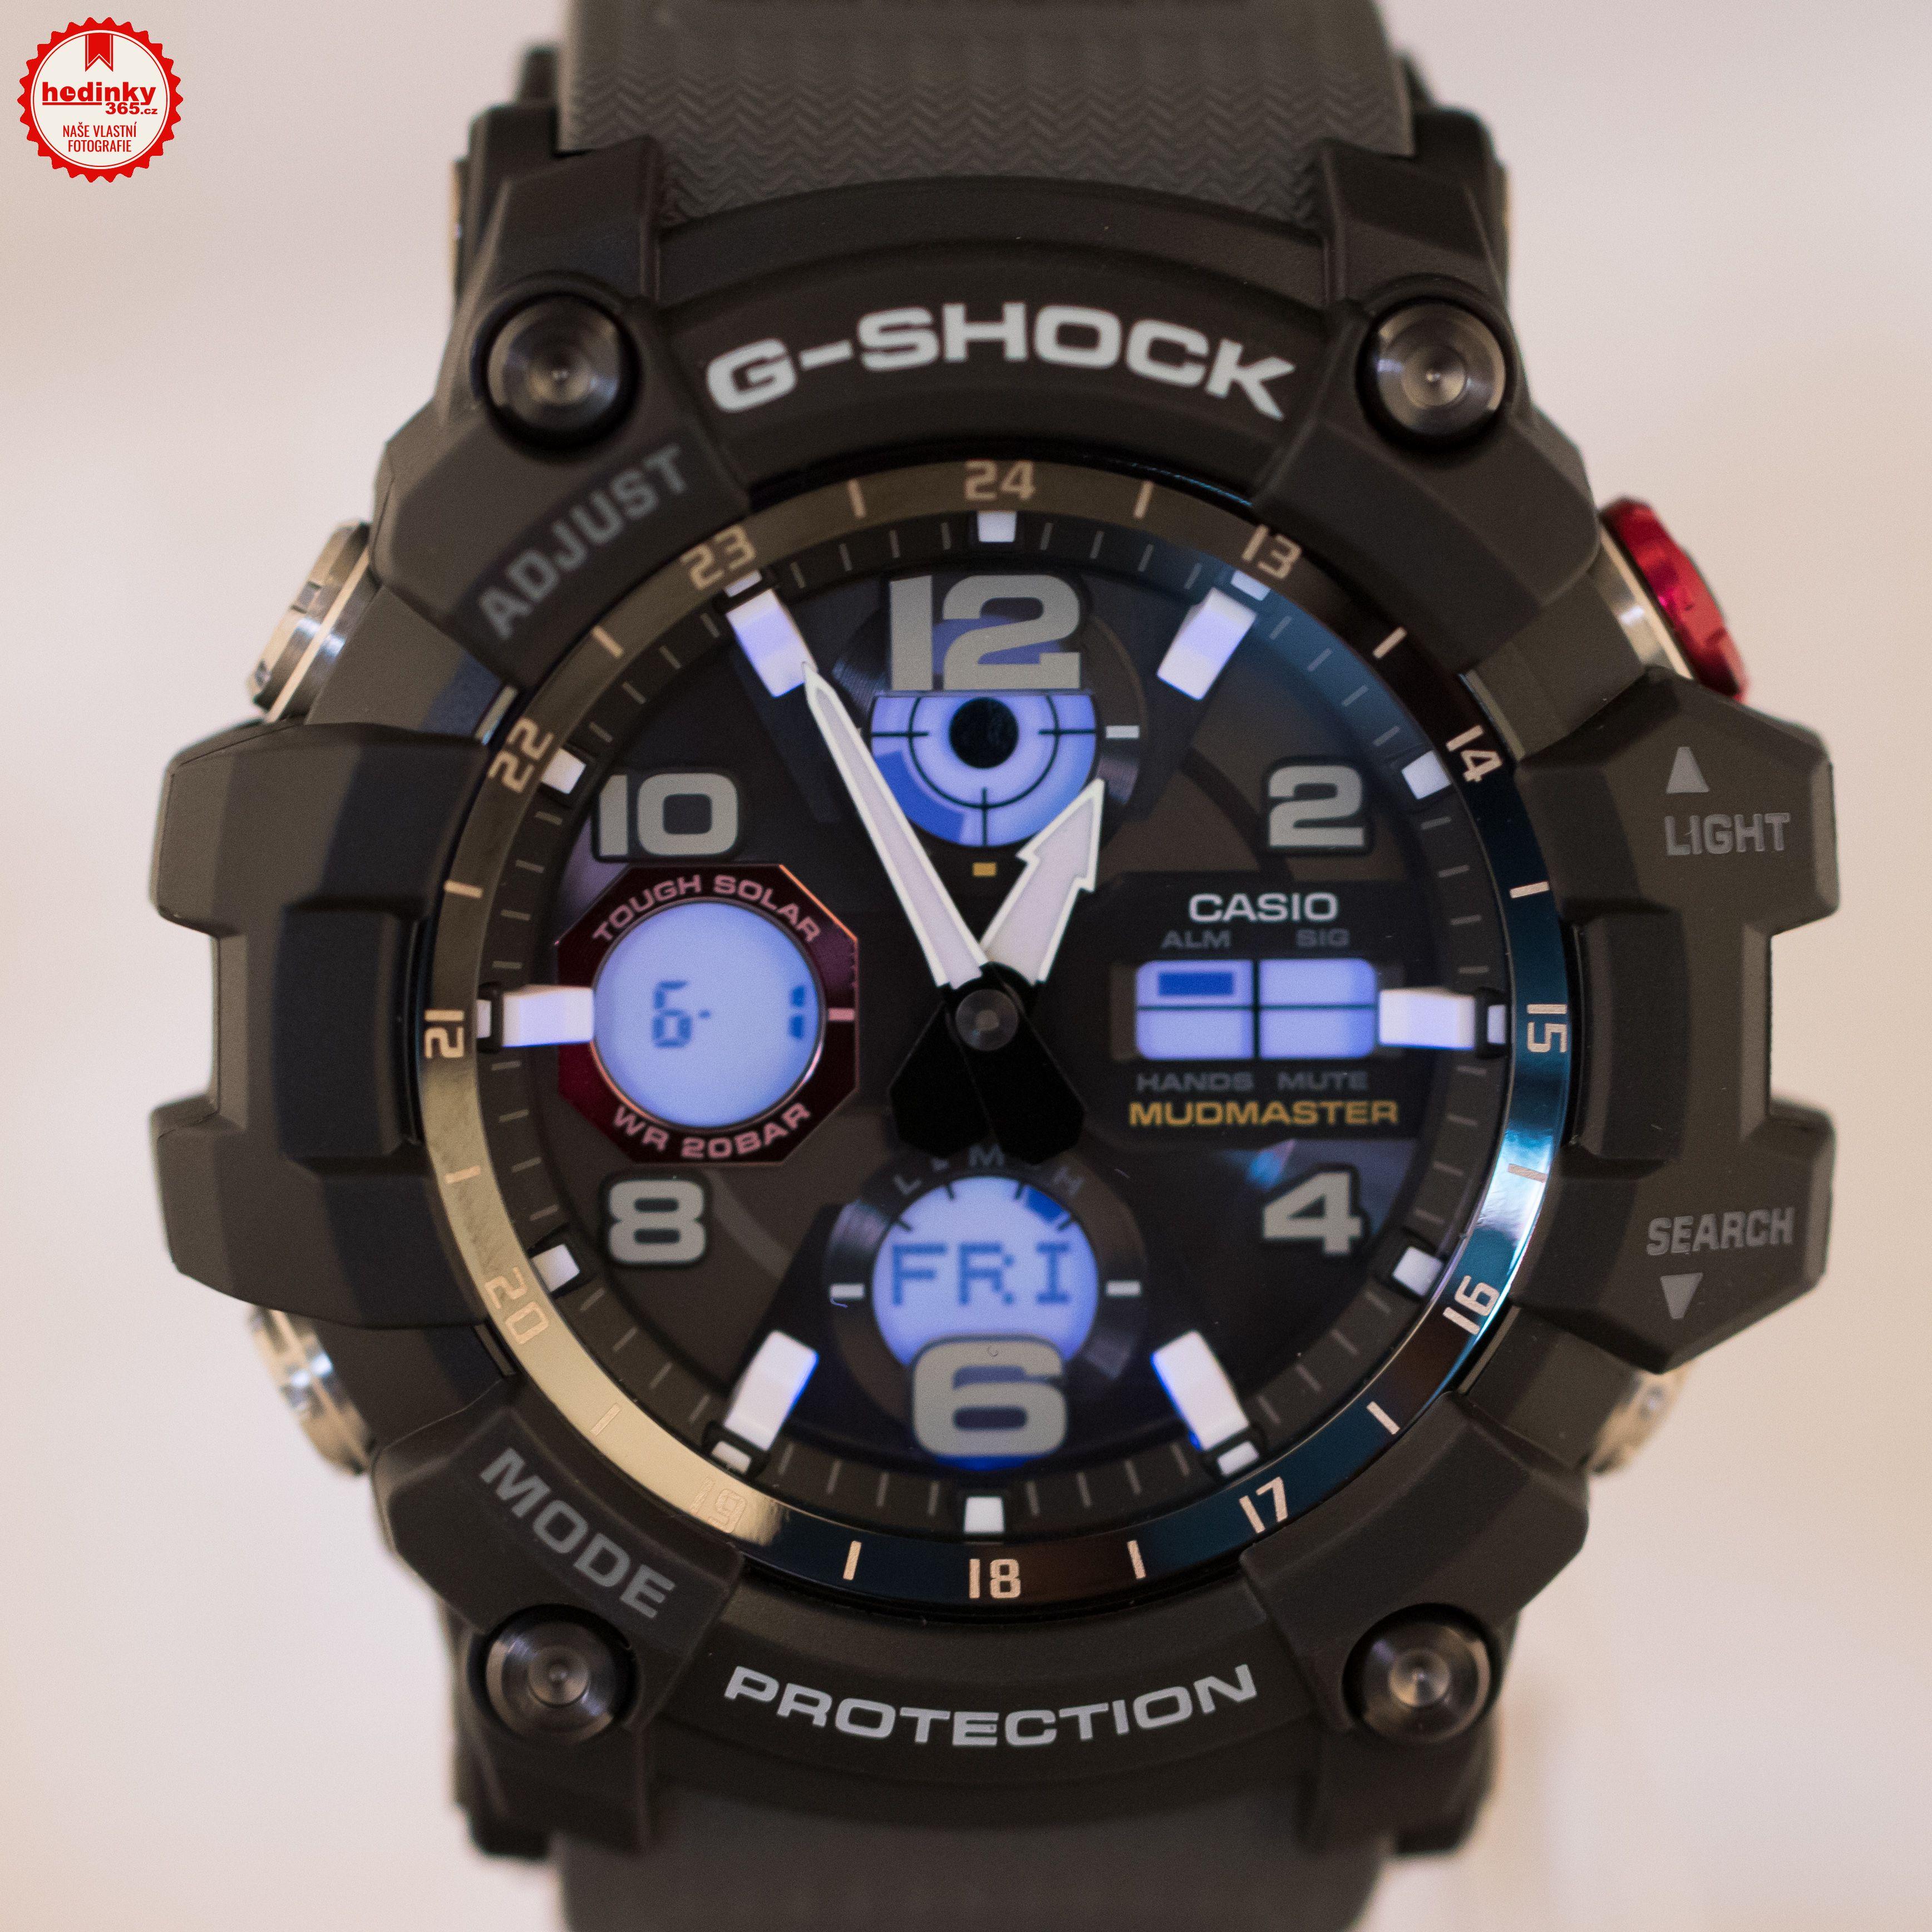 9a1d2c7f31c Casio G-Shock Mudmaster GWG-100-1A8ER